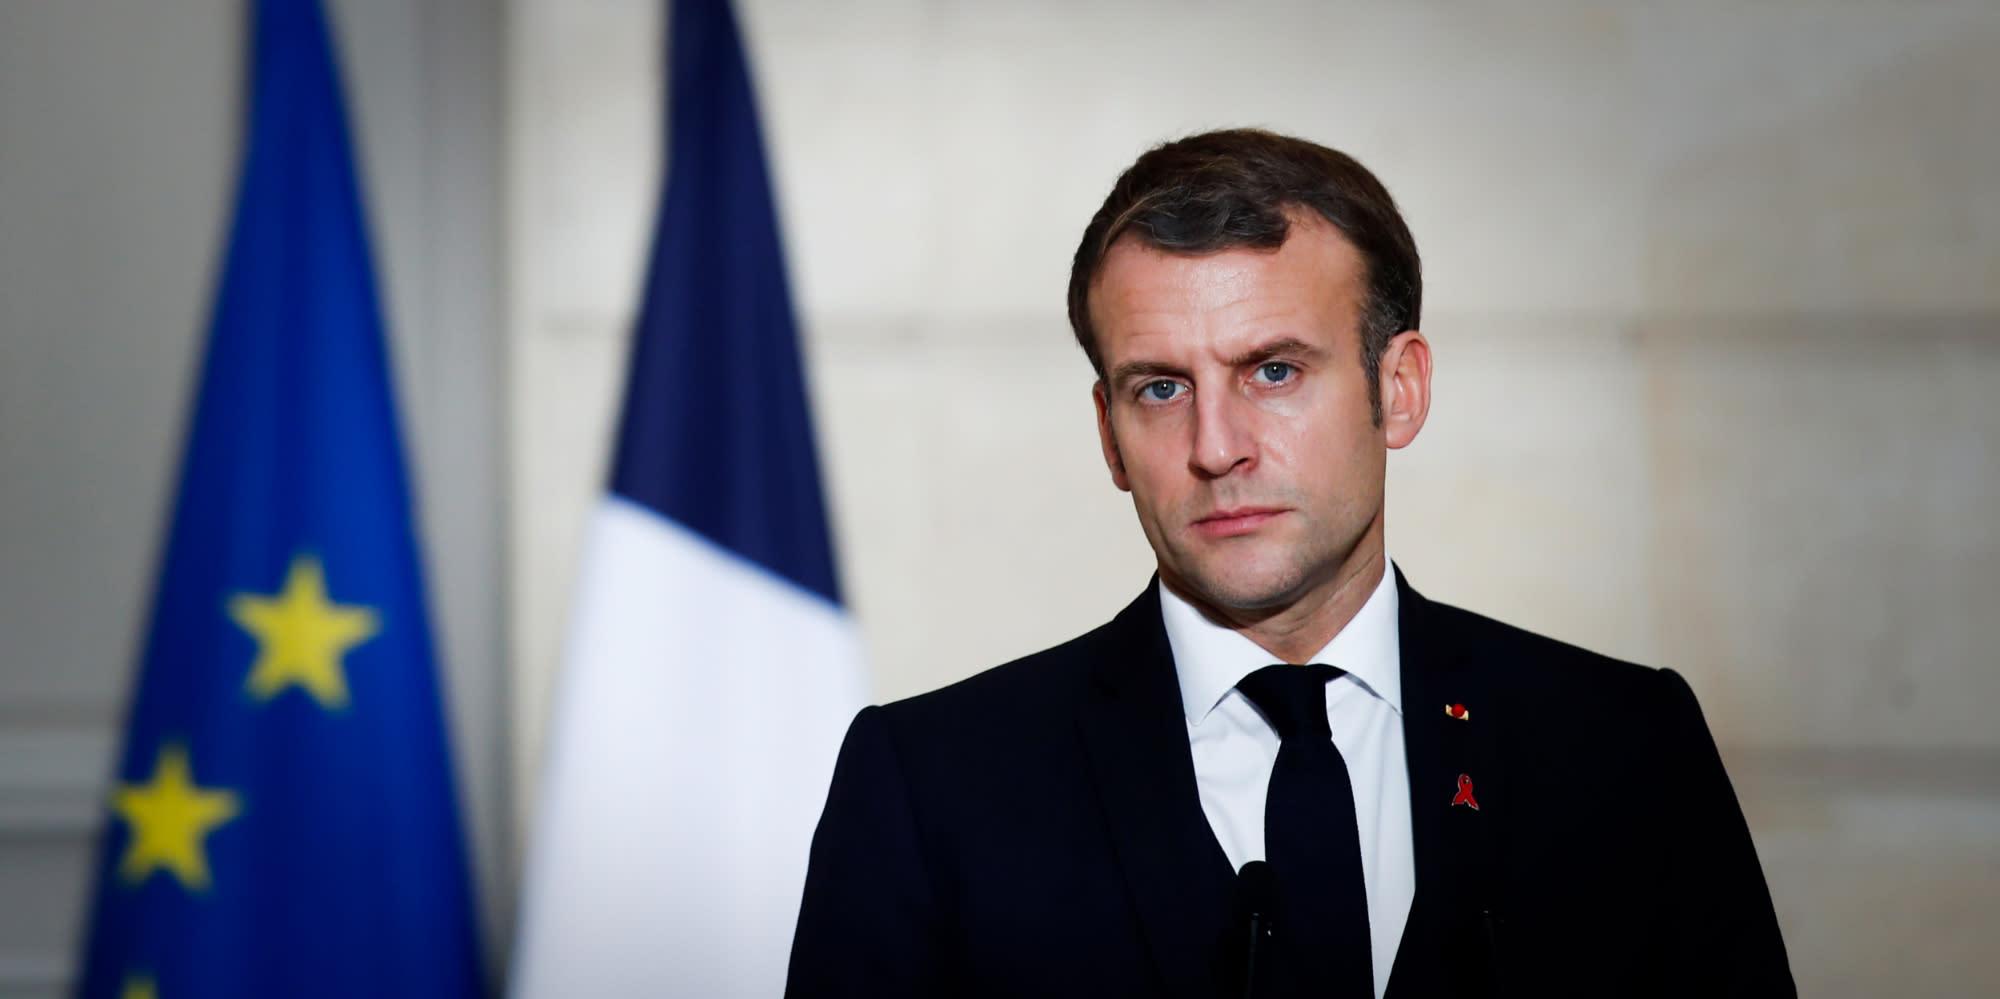 Drogue, violences policières, affaire Sarah Halimi... Le résumé des déclarations de Macron